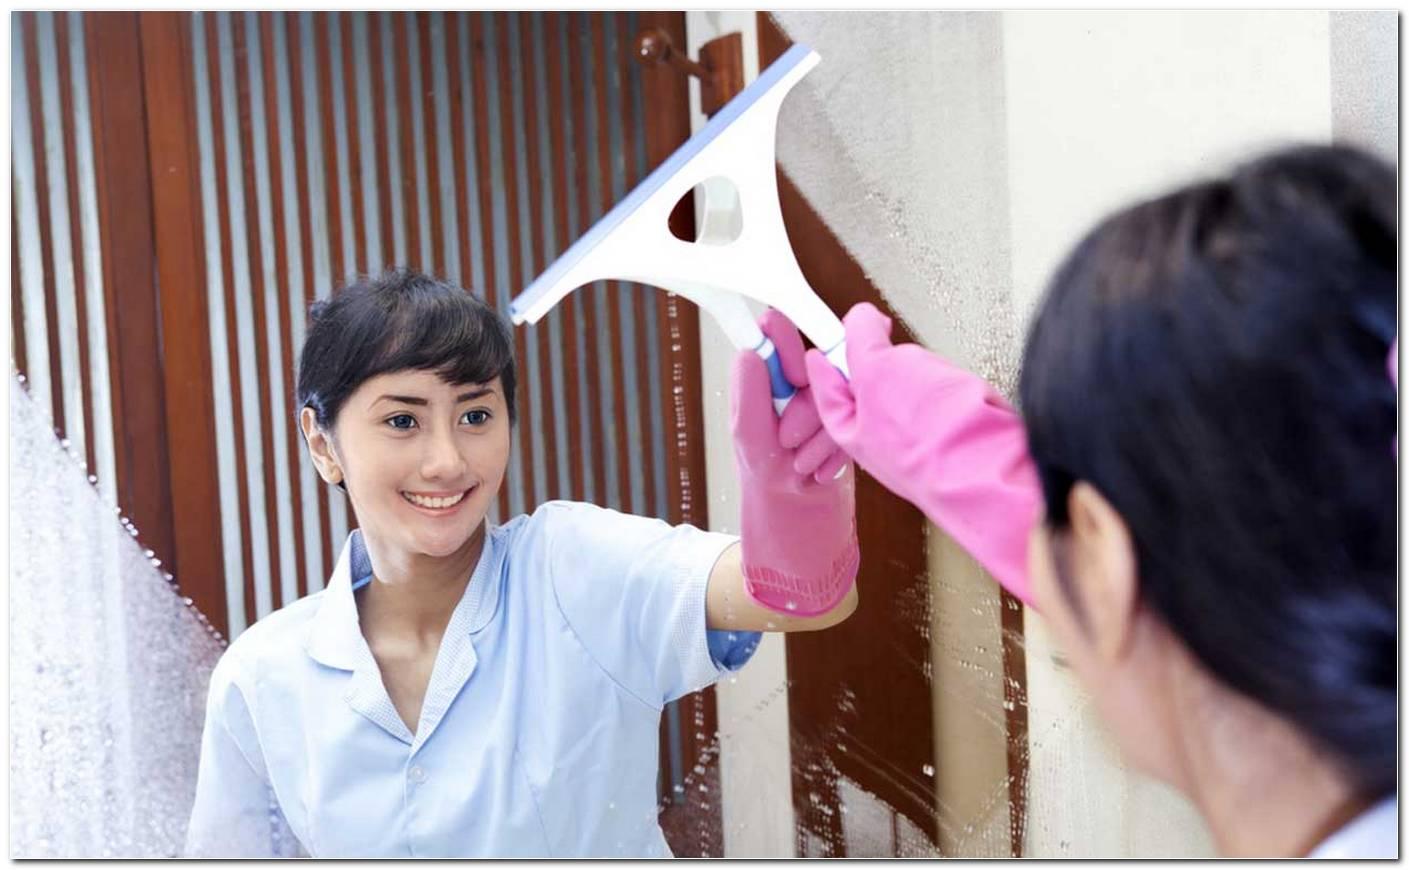 Como Limpar Espelho Dicas Práticas E Infalíveis